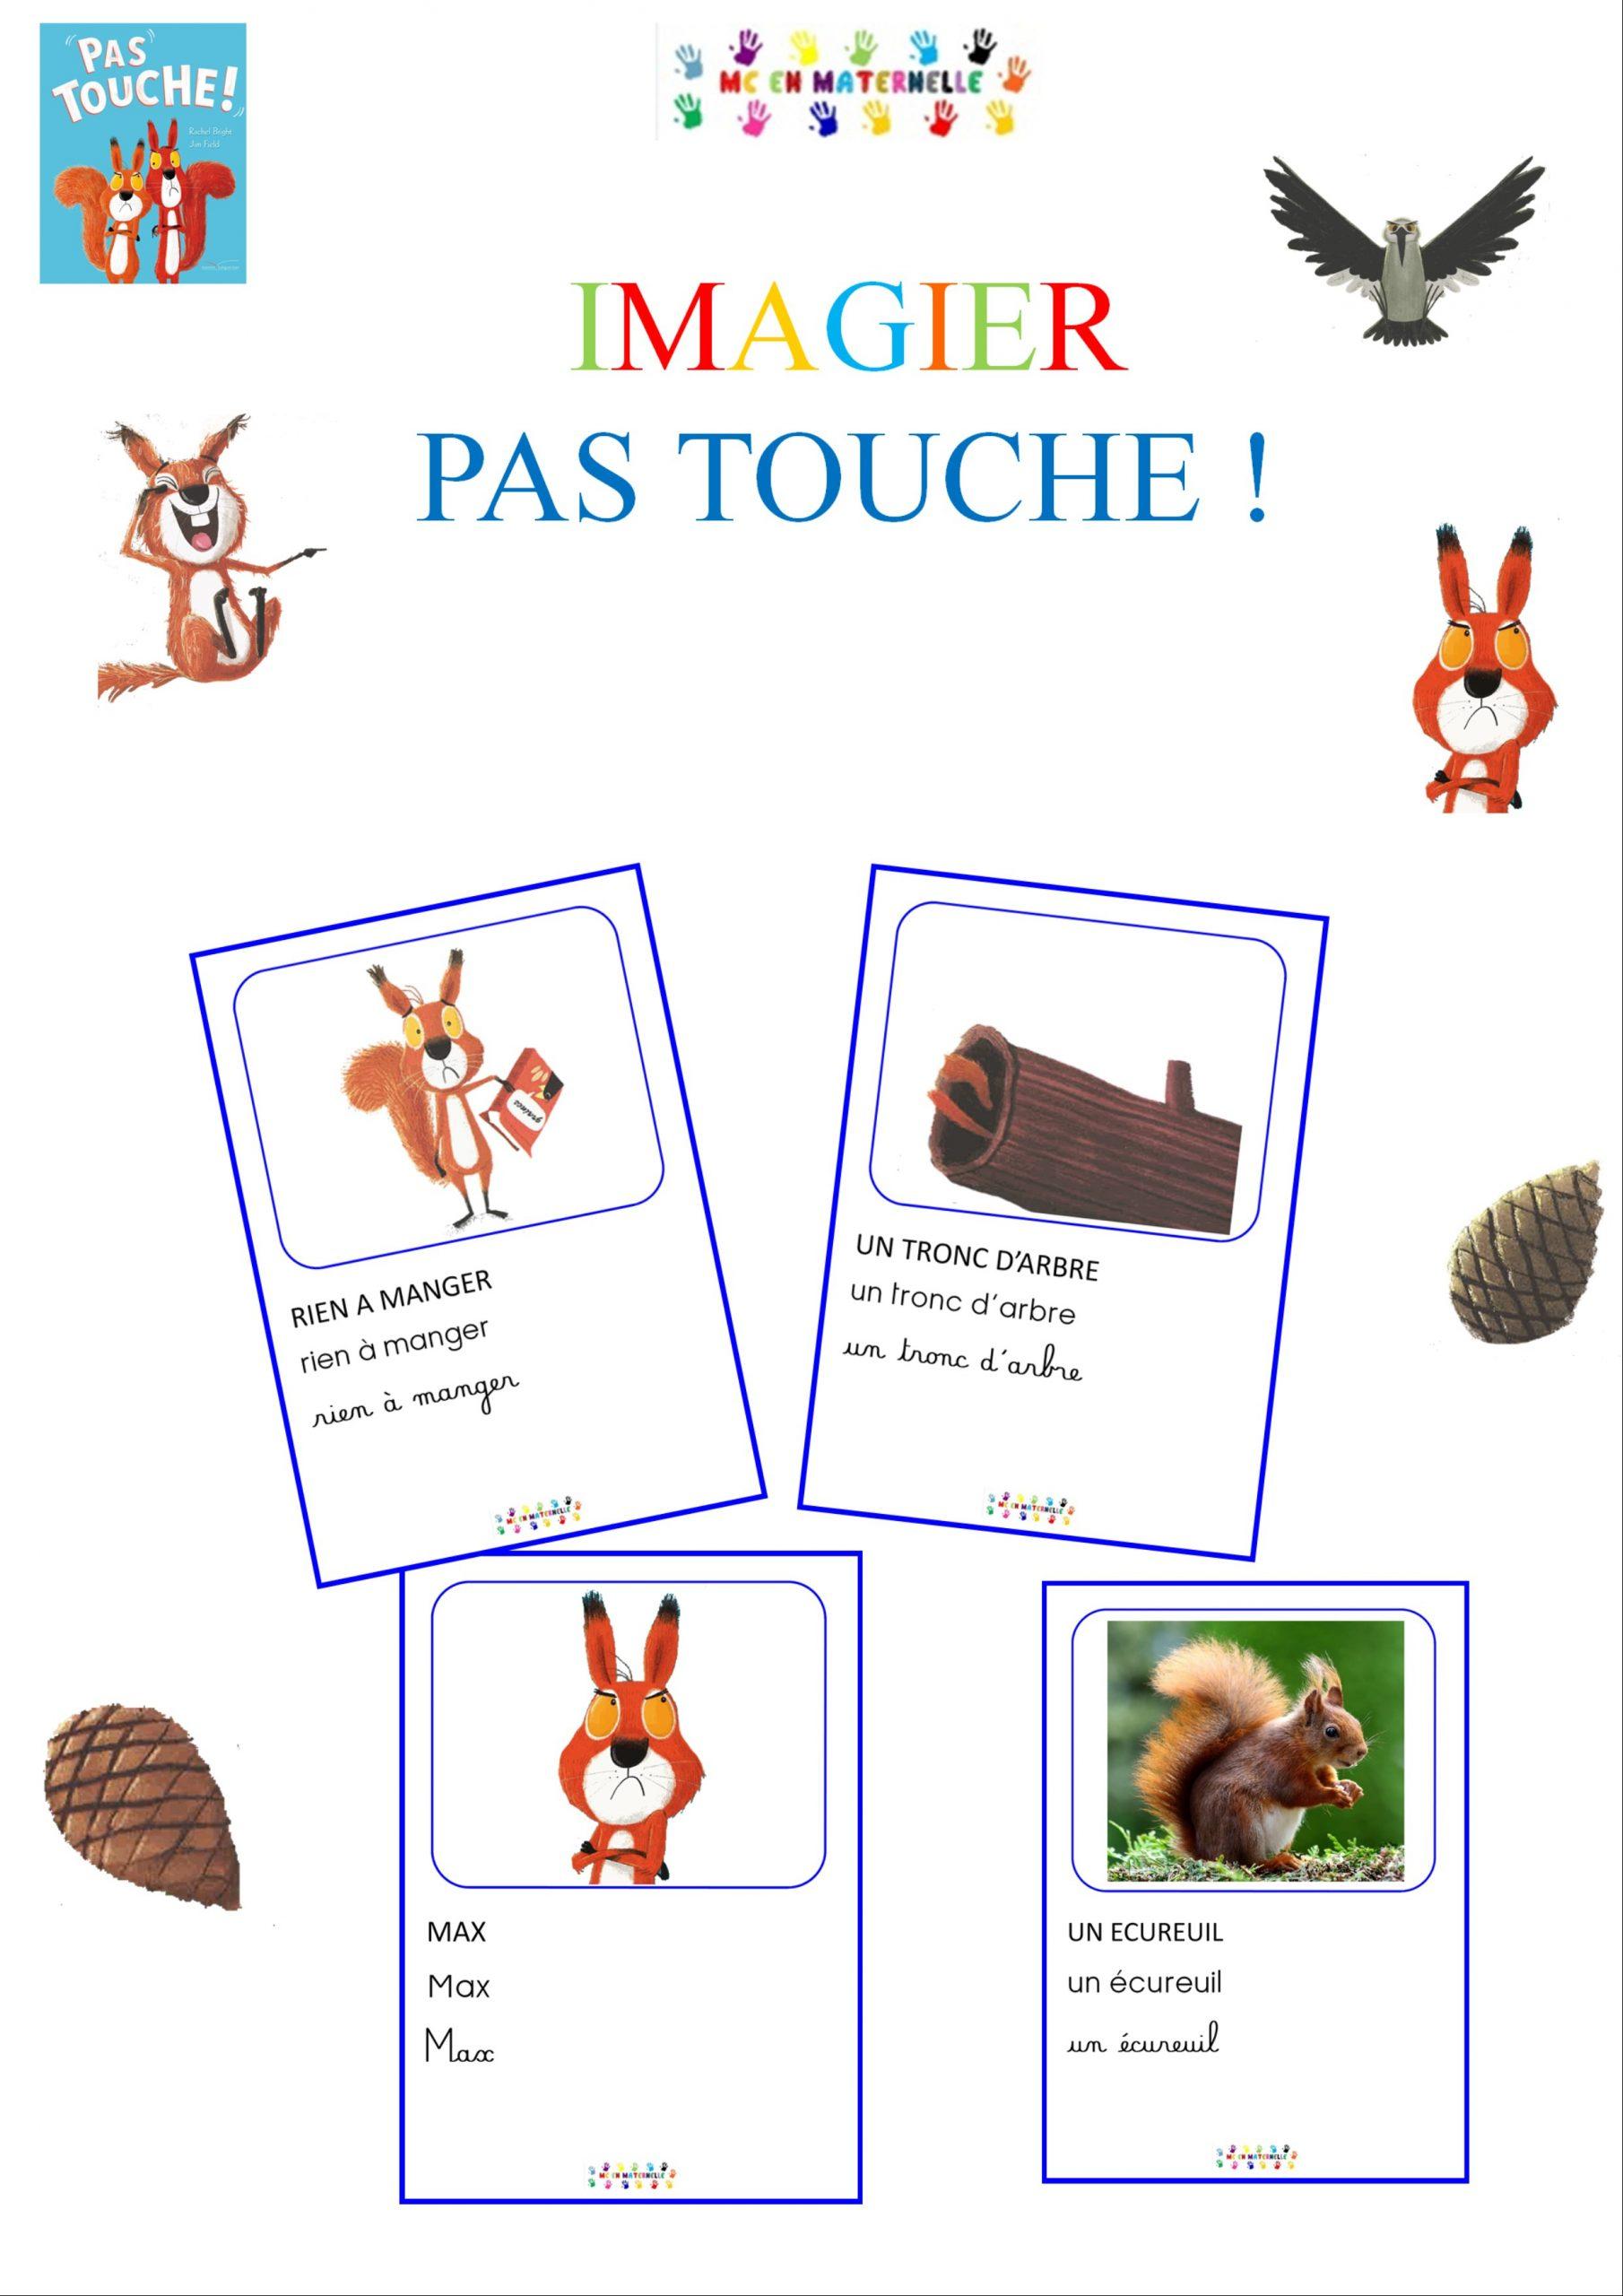 Pas Touche ! : Imagier – Mc En Maternelle dedans Imagier Noel Maternelle